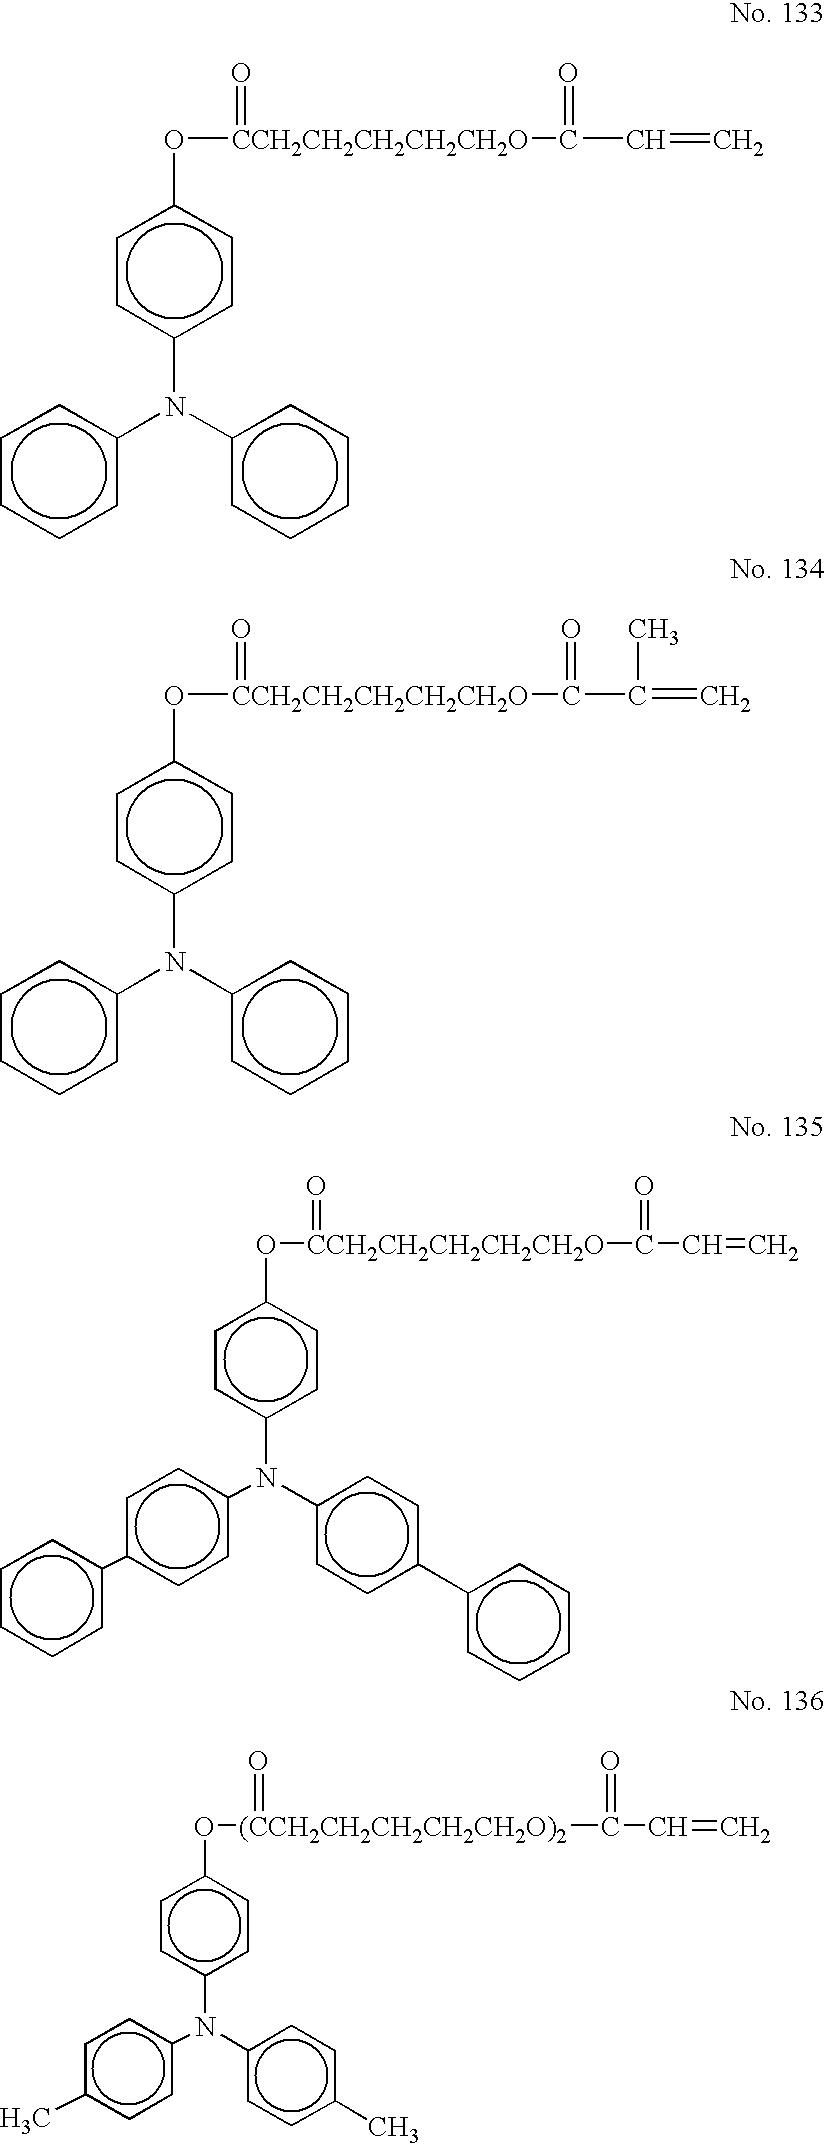 Figure US20070059619A1-20070315-C00044